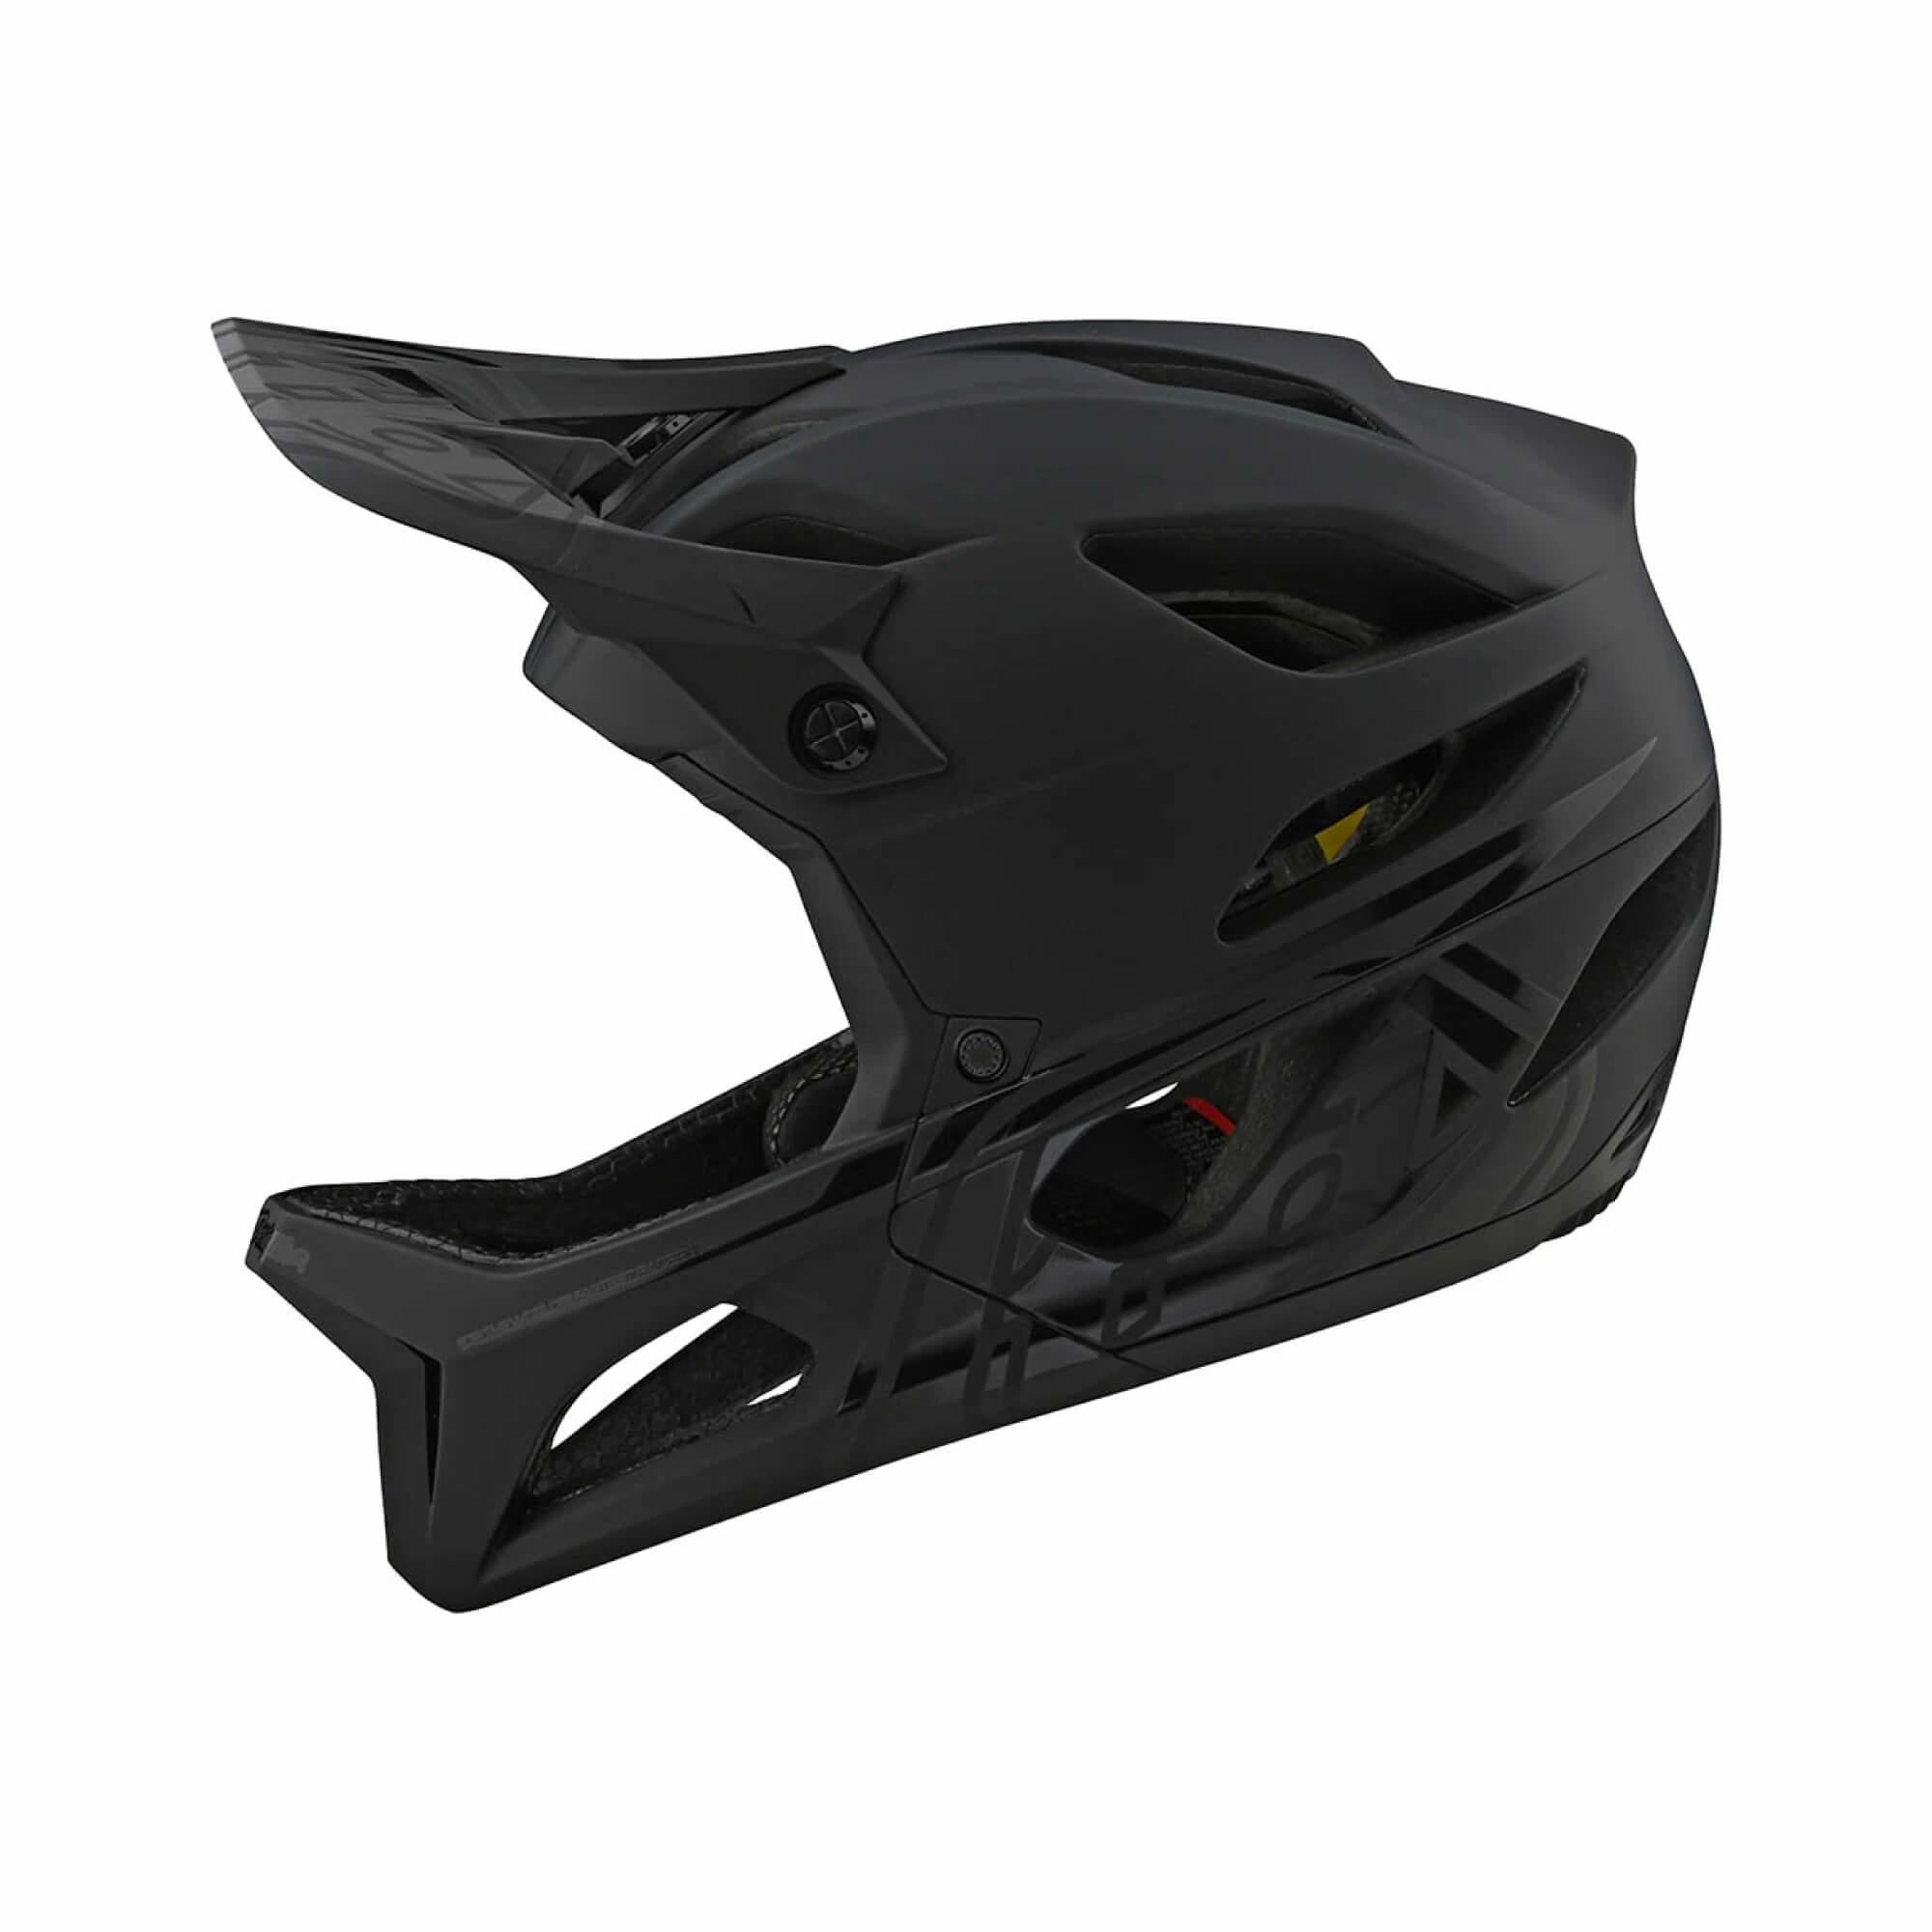 Stage As Mips Helmet 2021-2